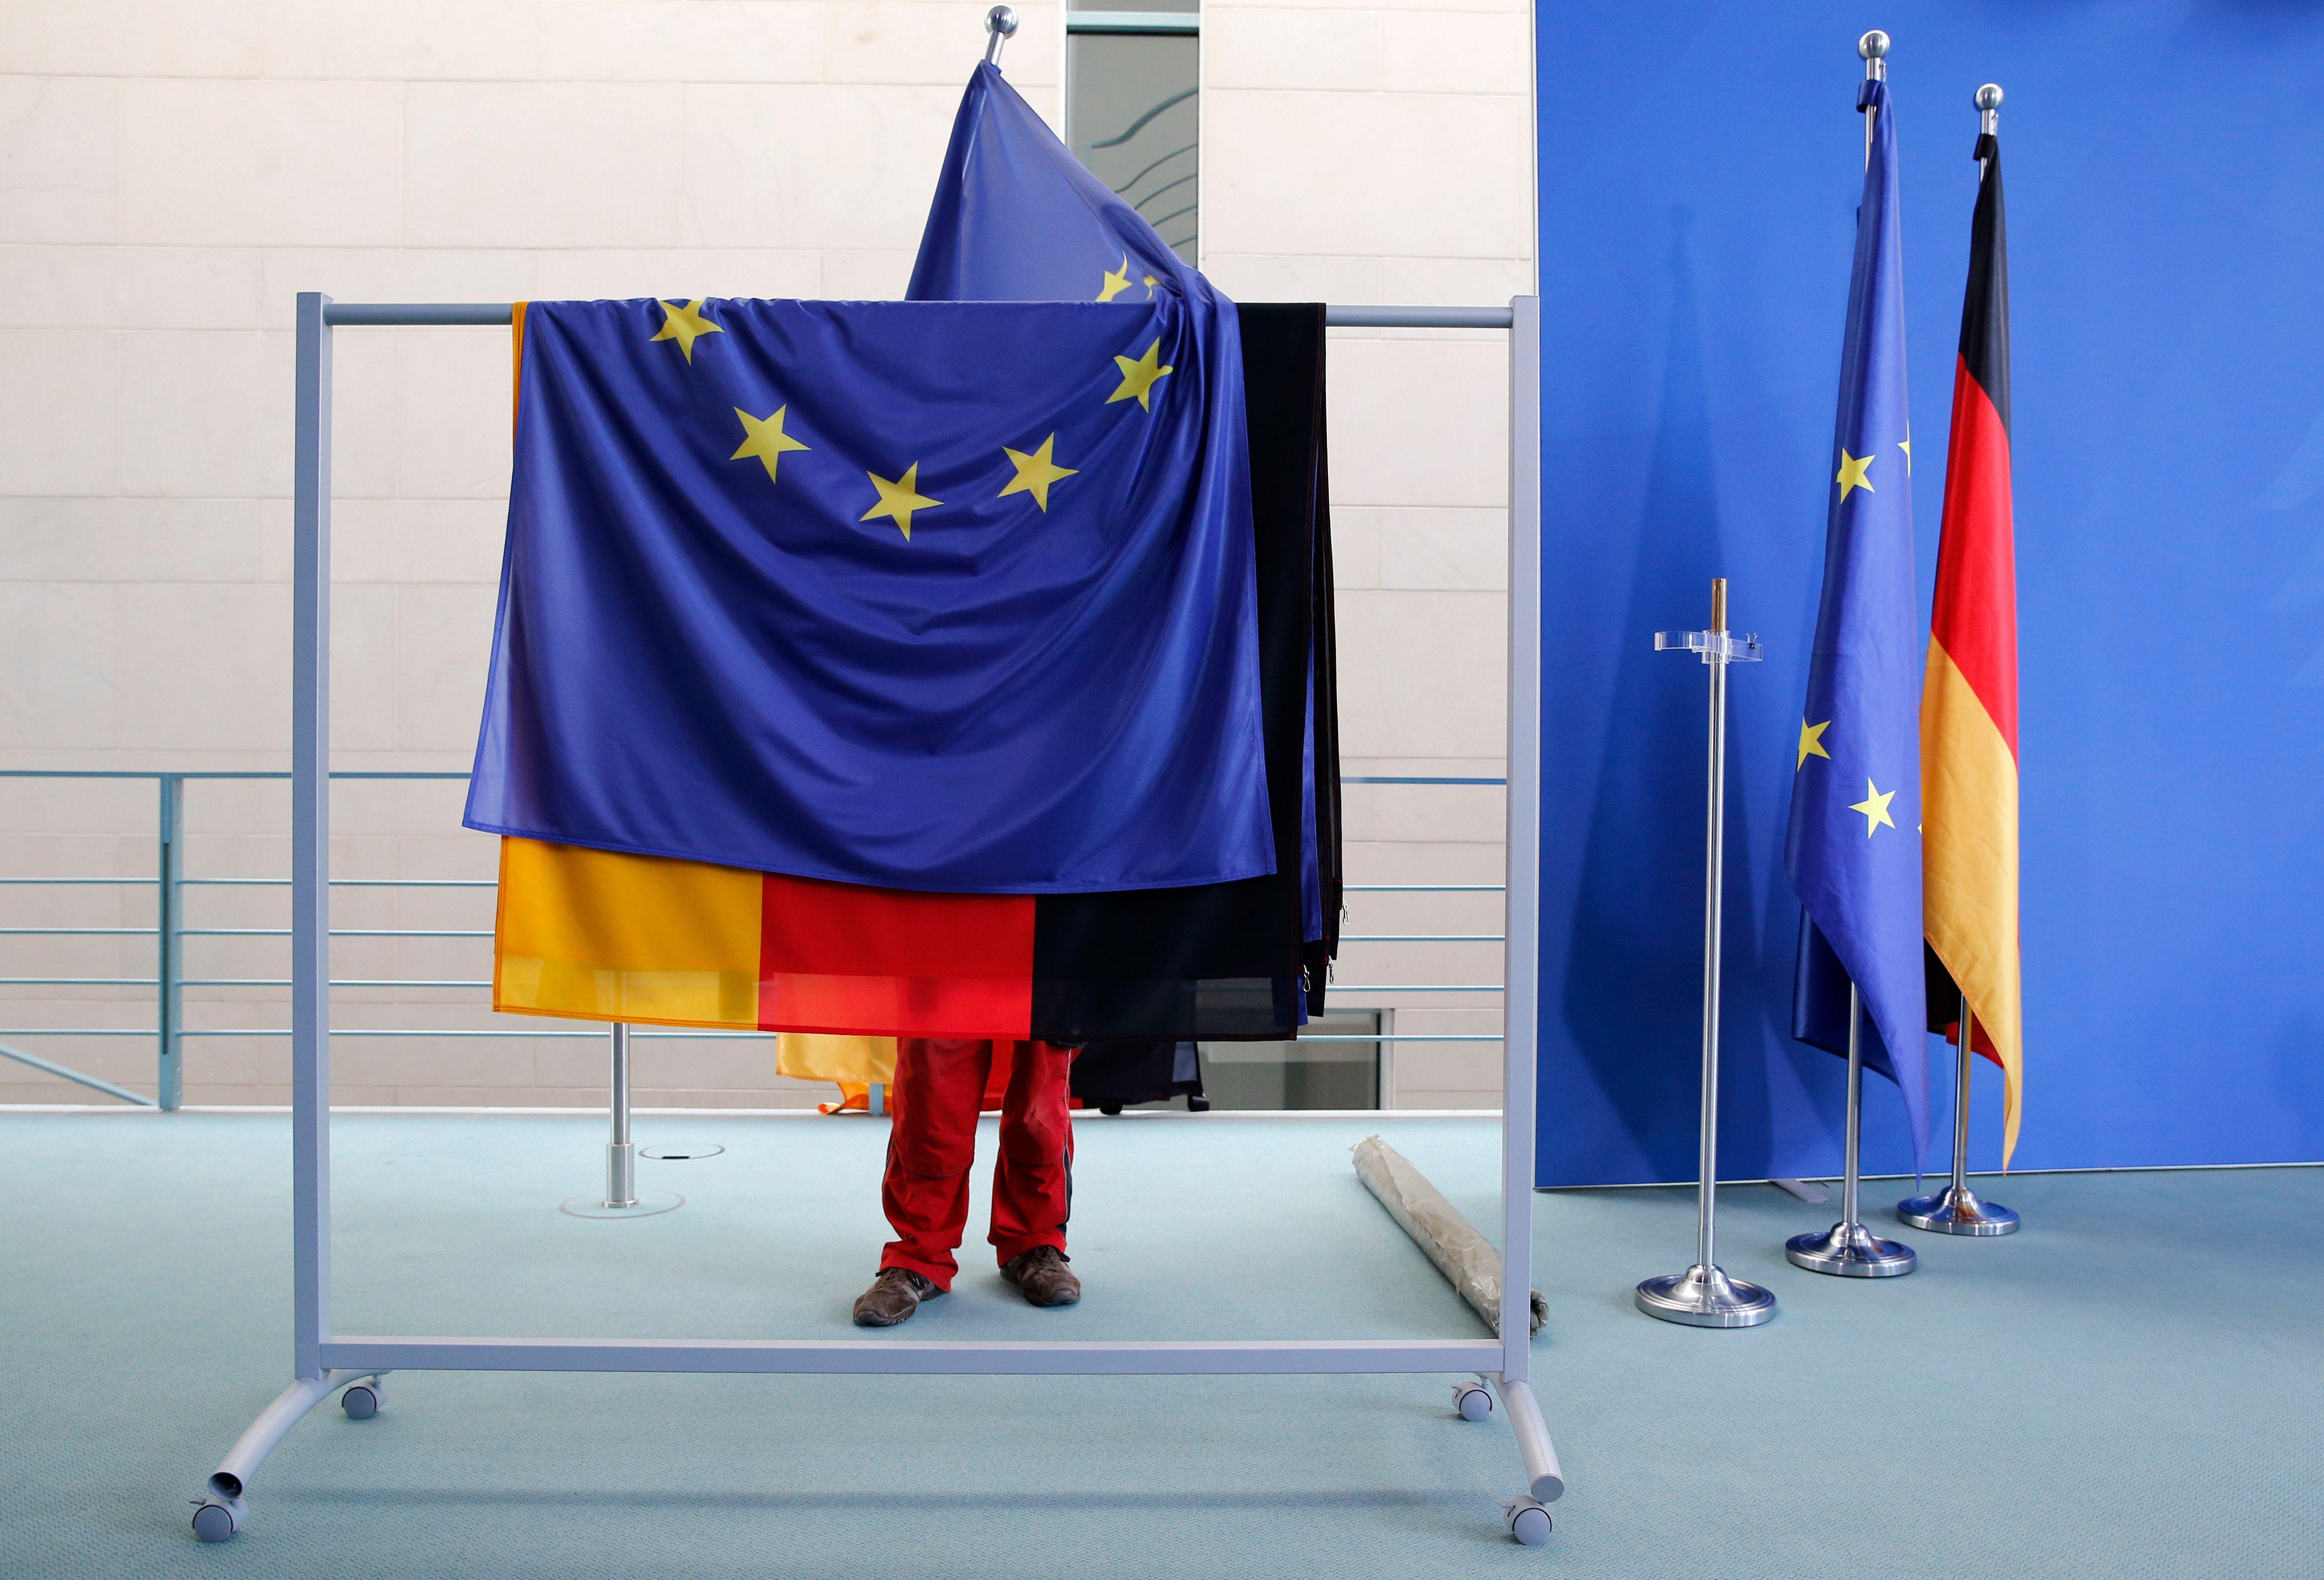 Allemagne : après les marchandages entre les Verts, la CSU et le FDP sur l'immigration et l'écologie, la future coalition se dirige vers un accord a minima